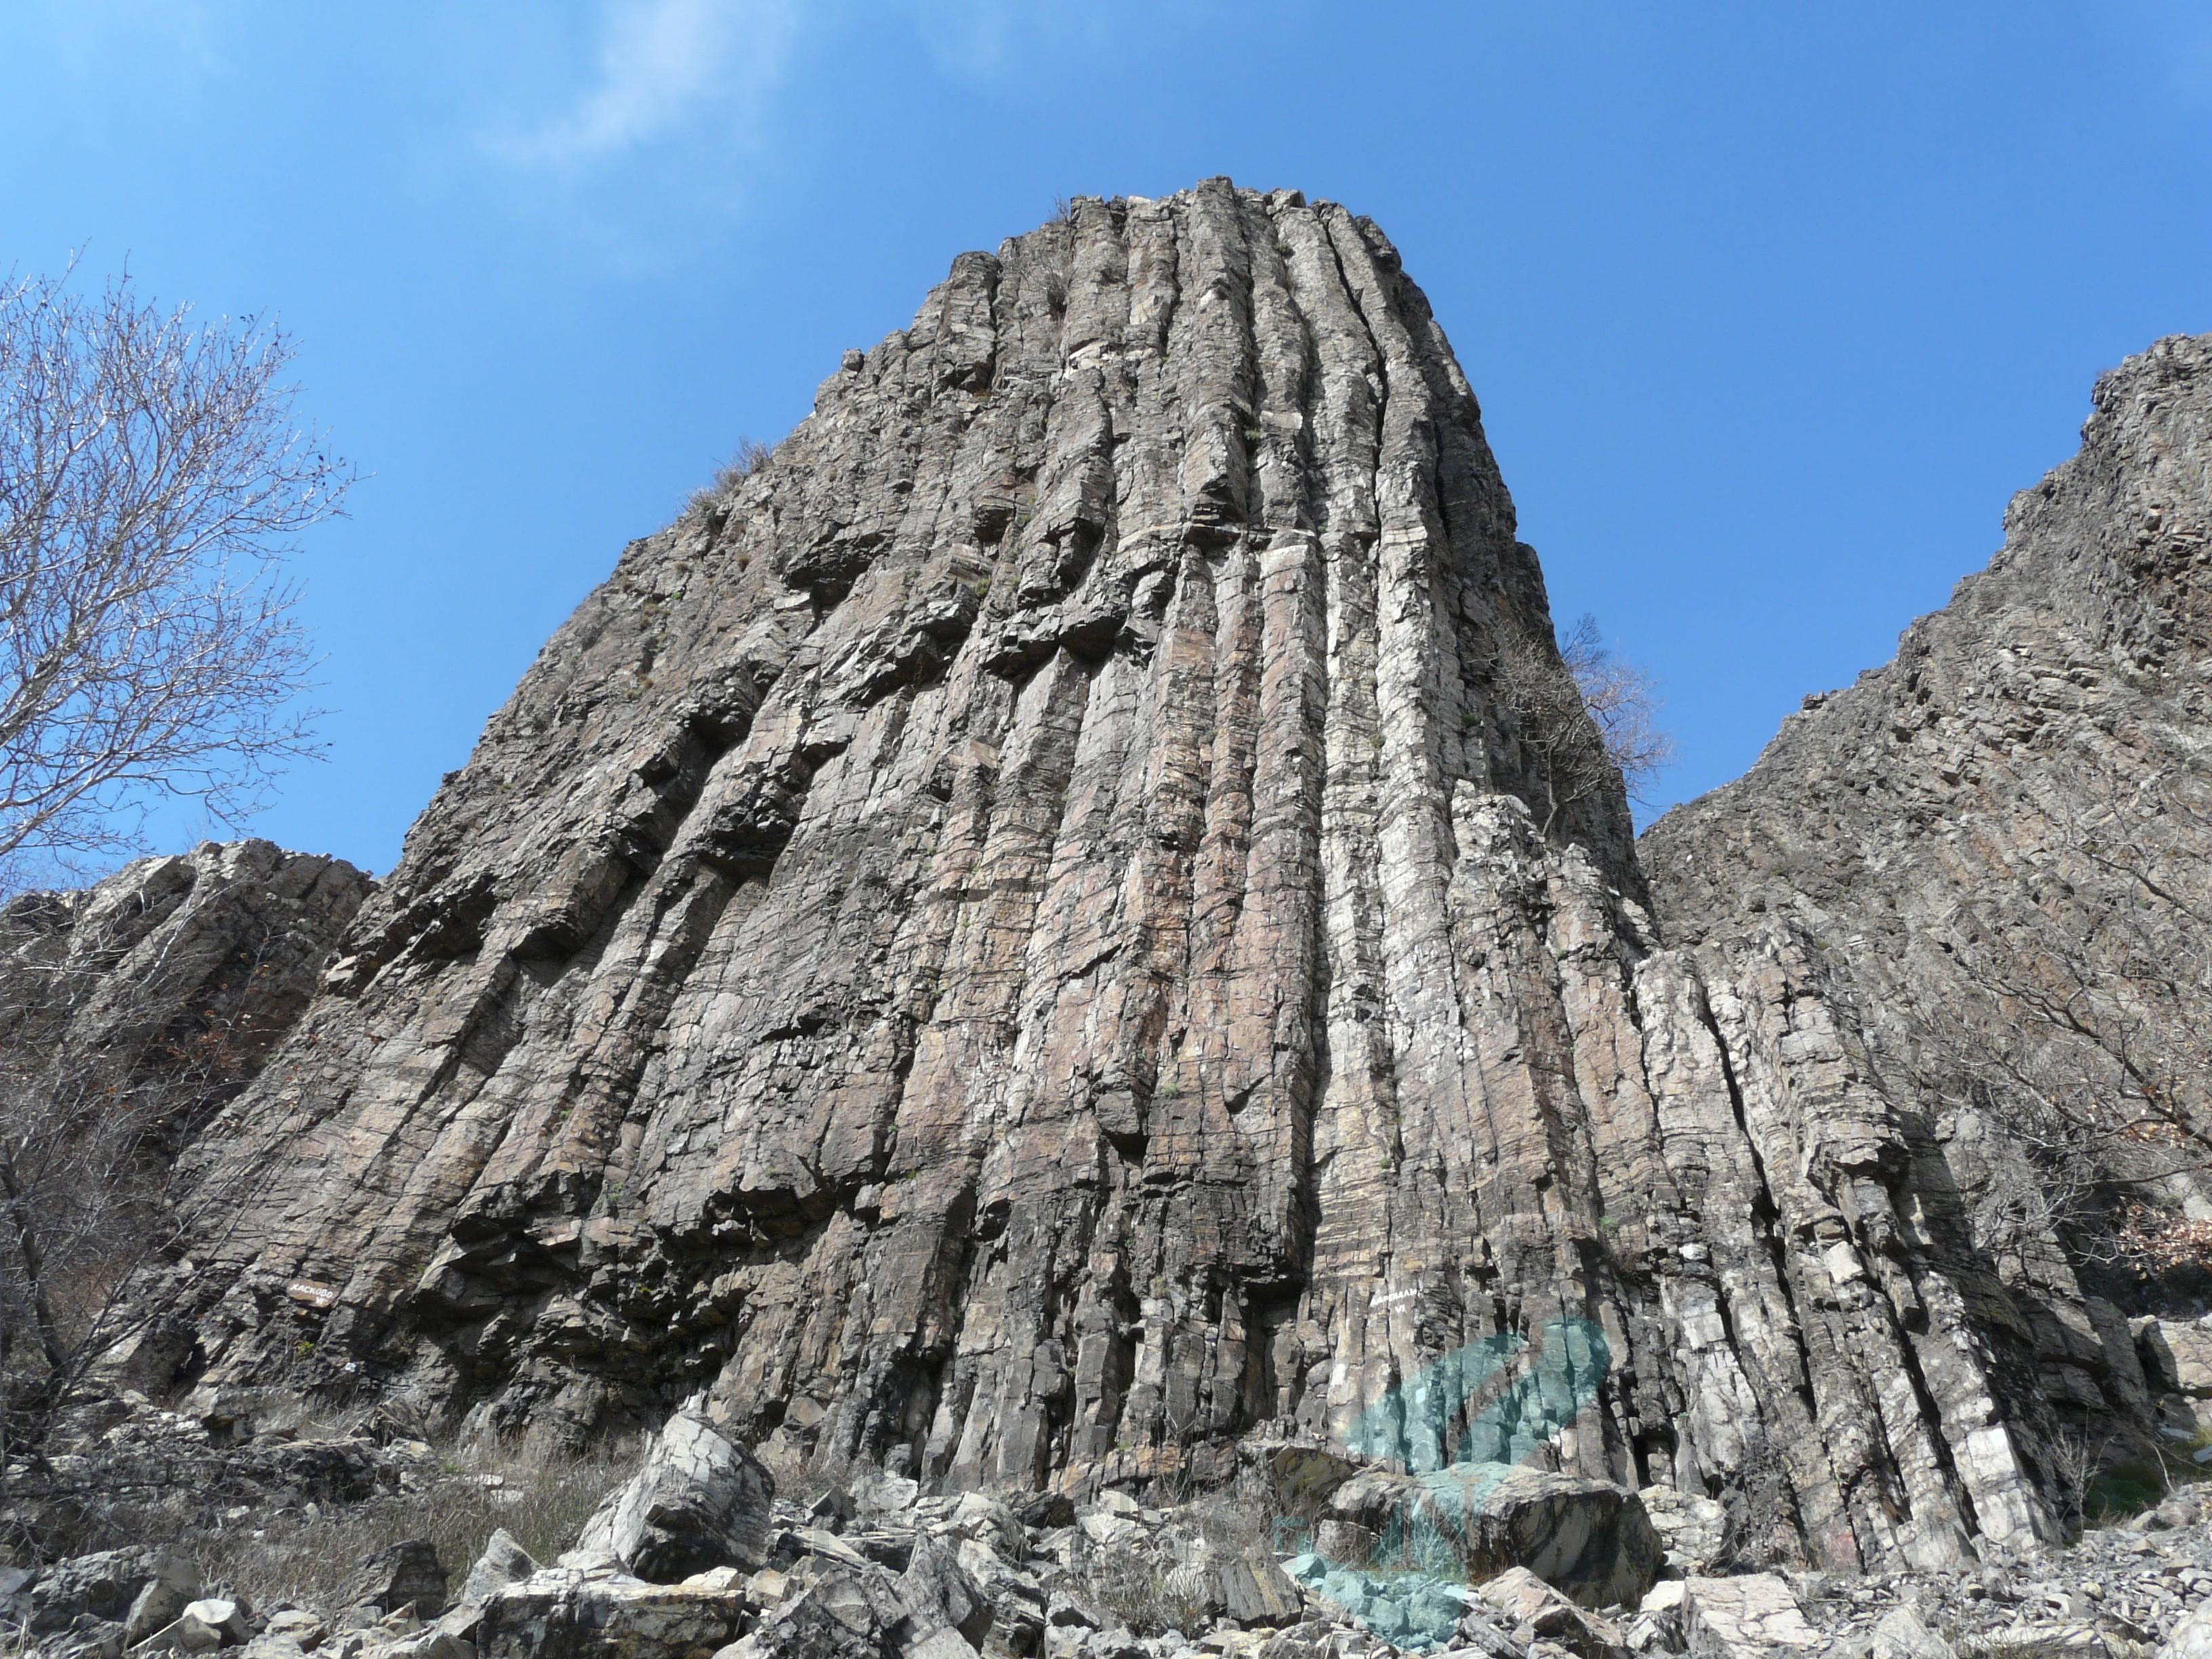 Volcanic rock of Momina skala